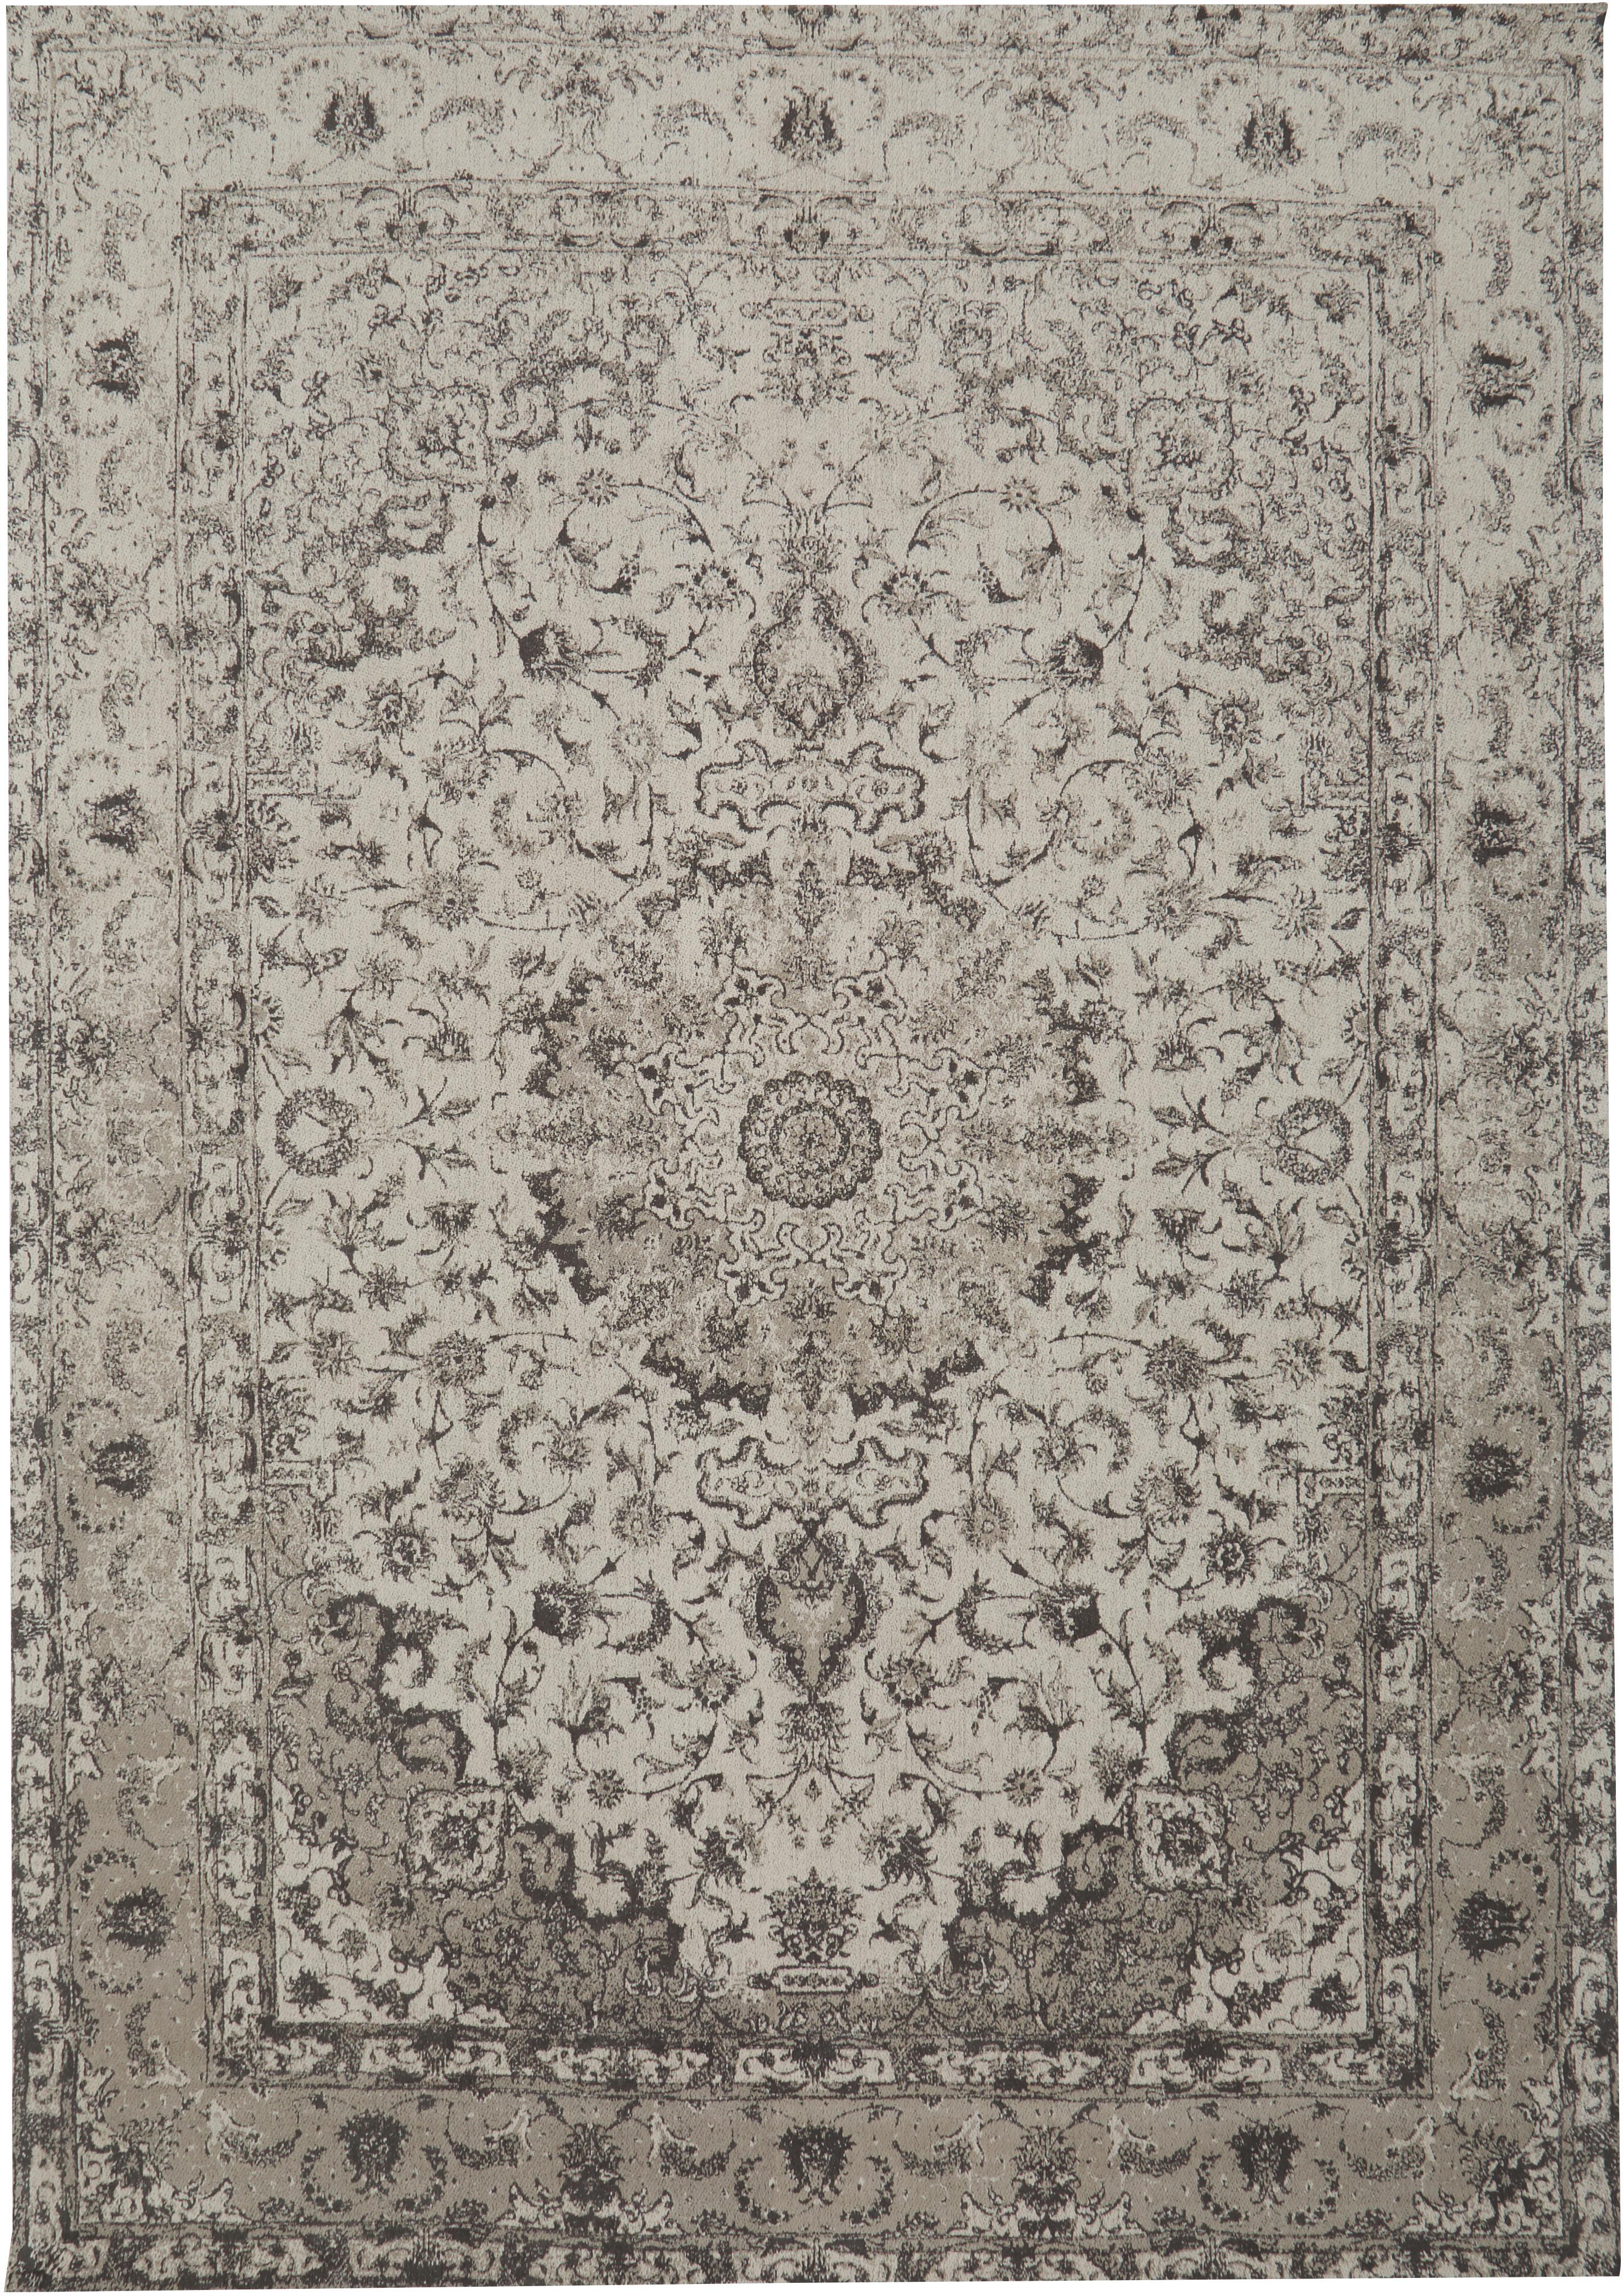 Tappeto in ciniglia tessuto a mano Sofia, Vello: 95% cotone 5% poliestere, Retro: 100% cotone, Beige, grigio, Larg. 160 x Lung. 230 cm